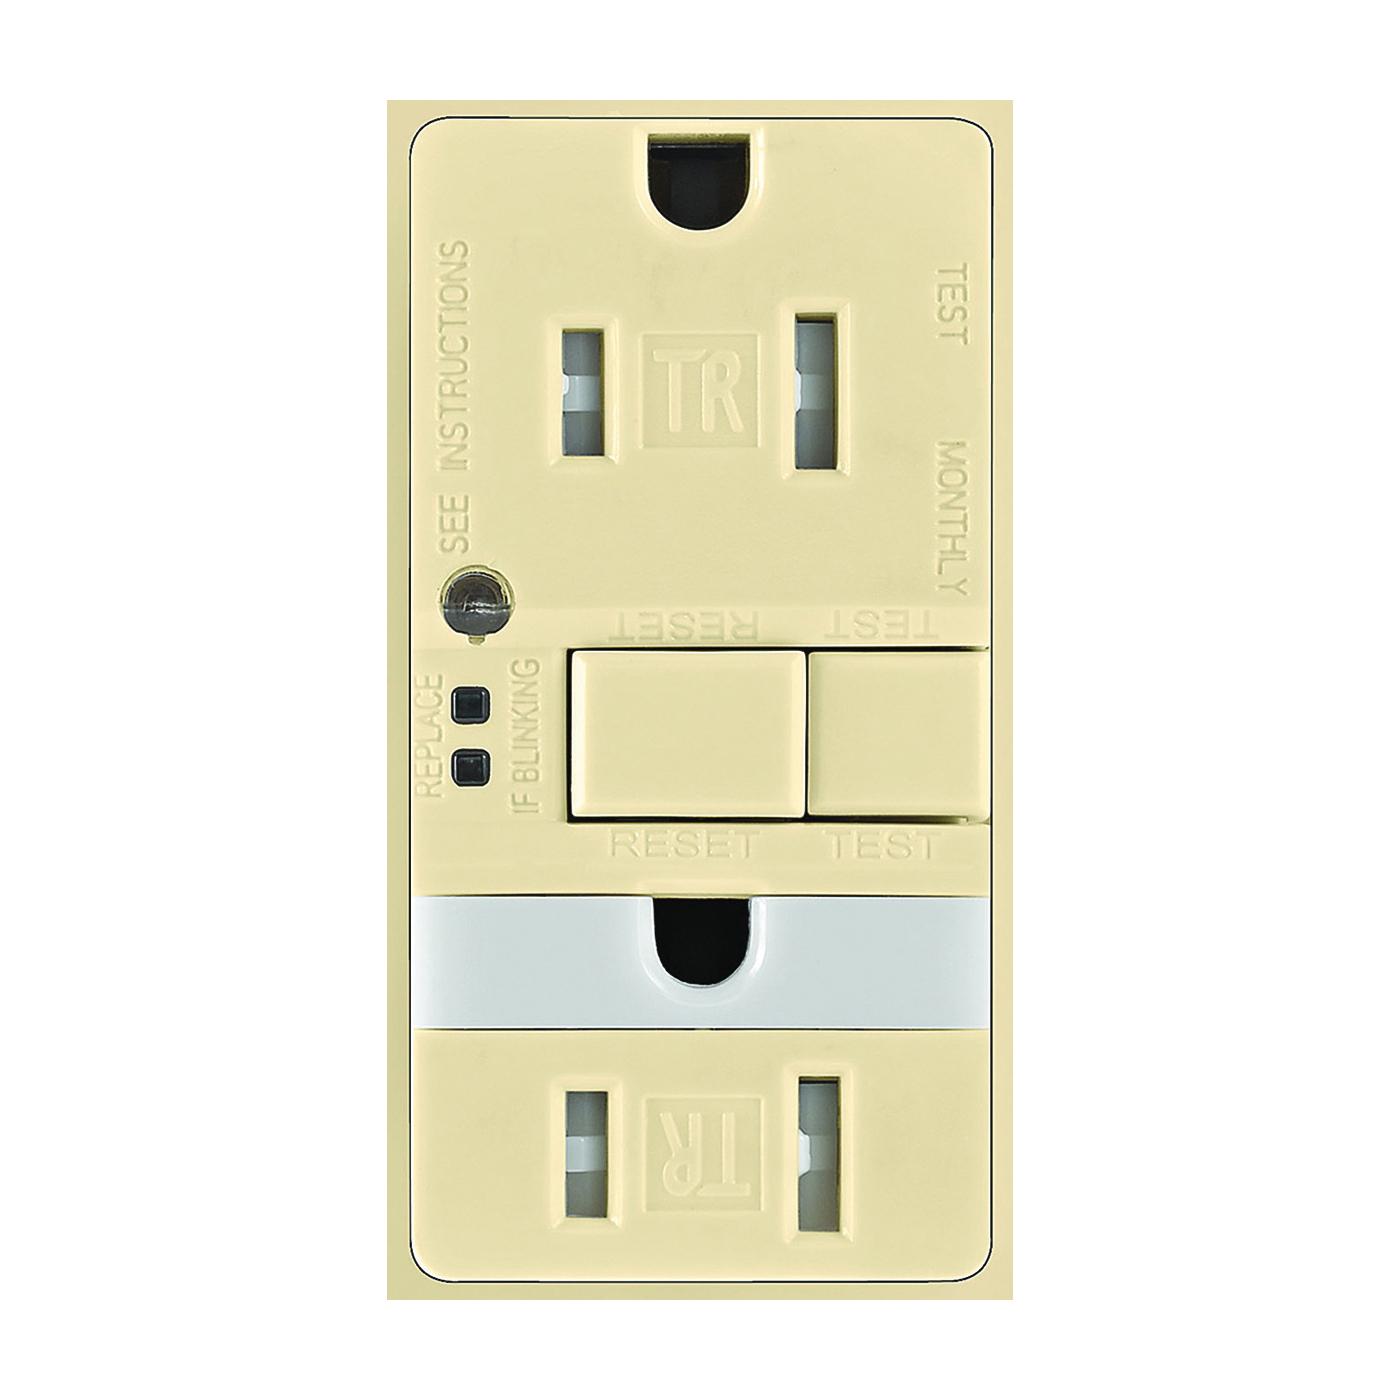 Eaton Wiring Devices TRSGFNL15V-K